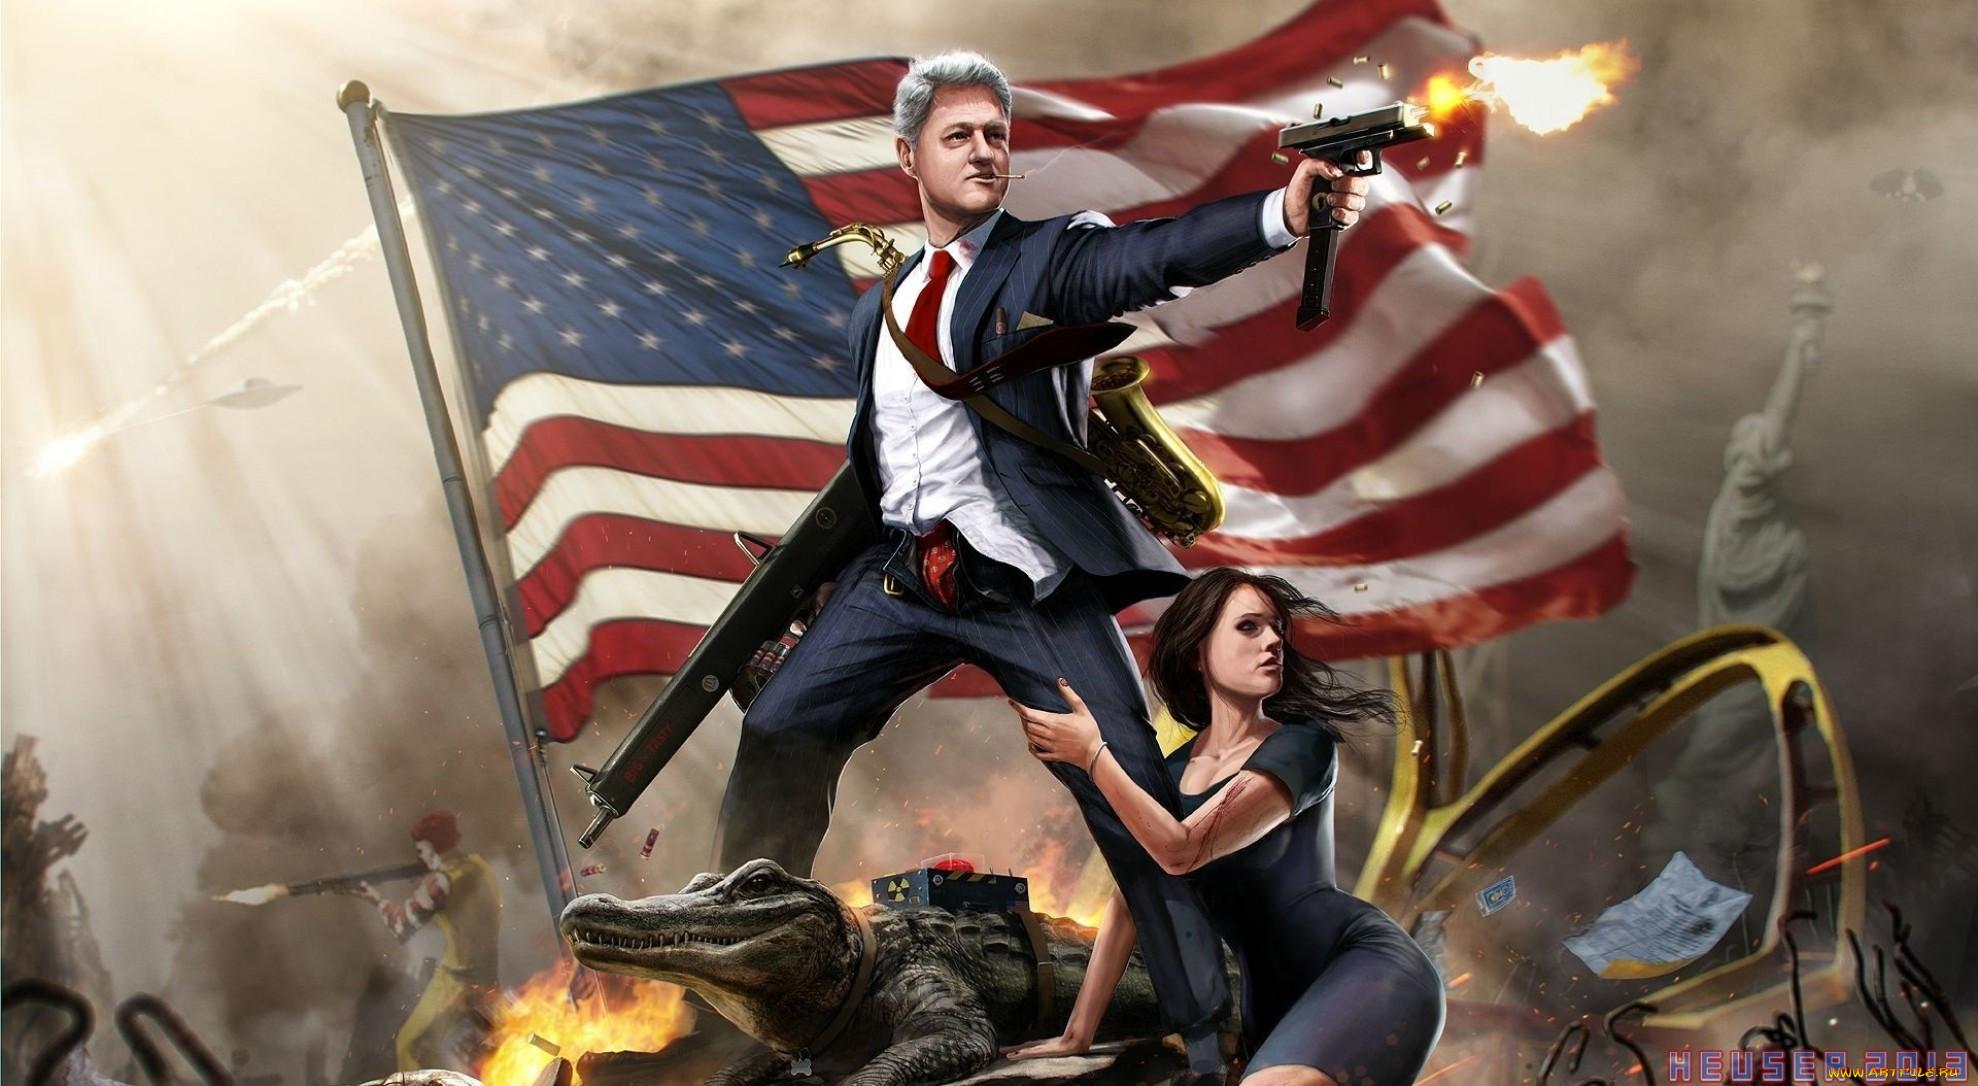 адаптированный прикольные патриотические картинки они